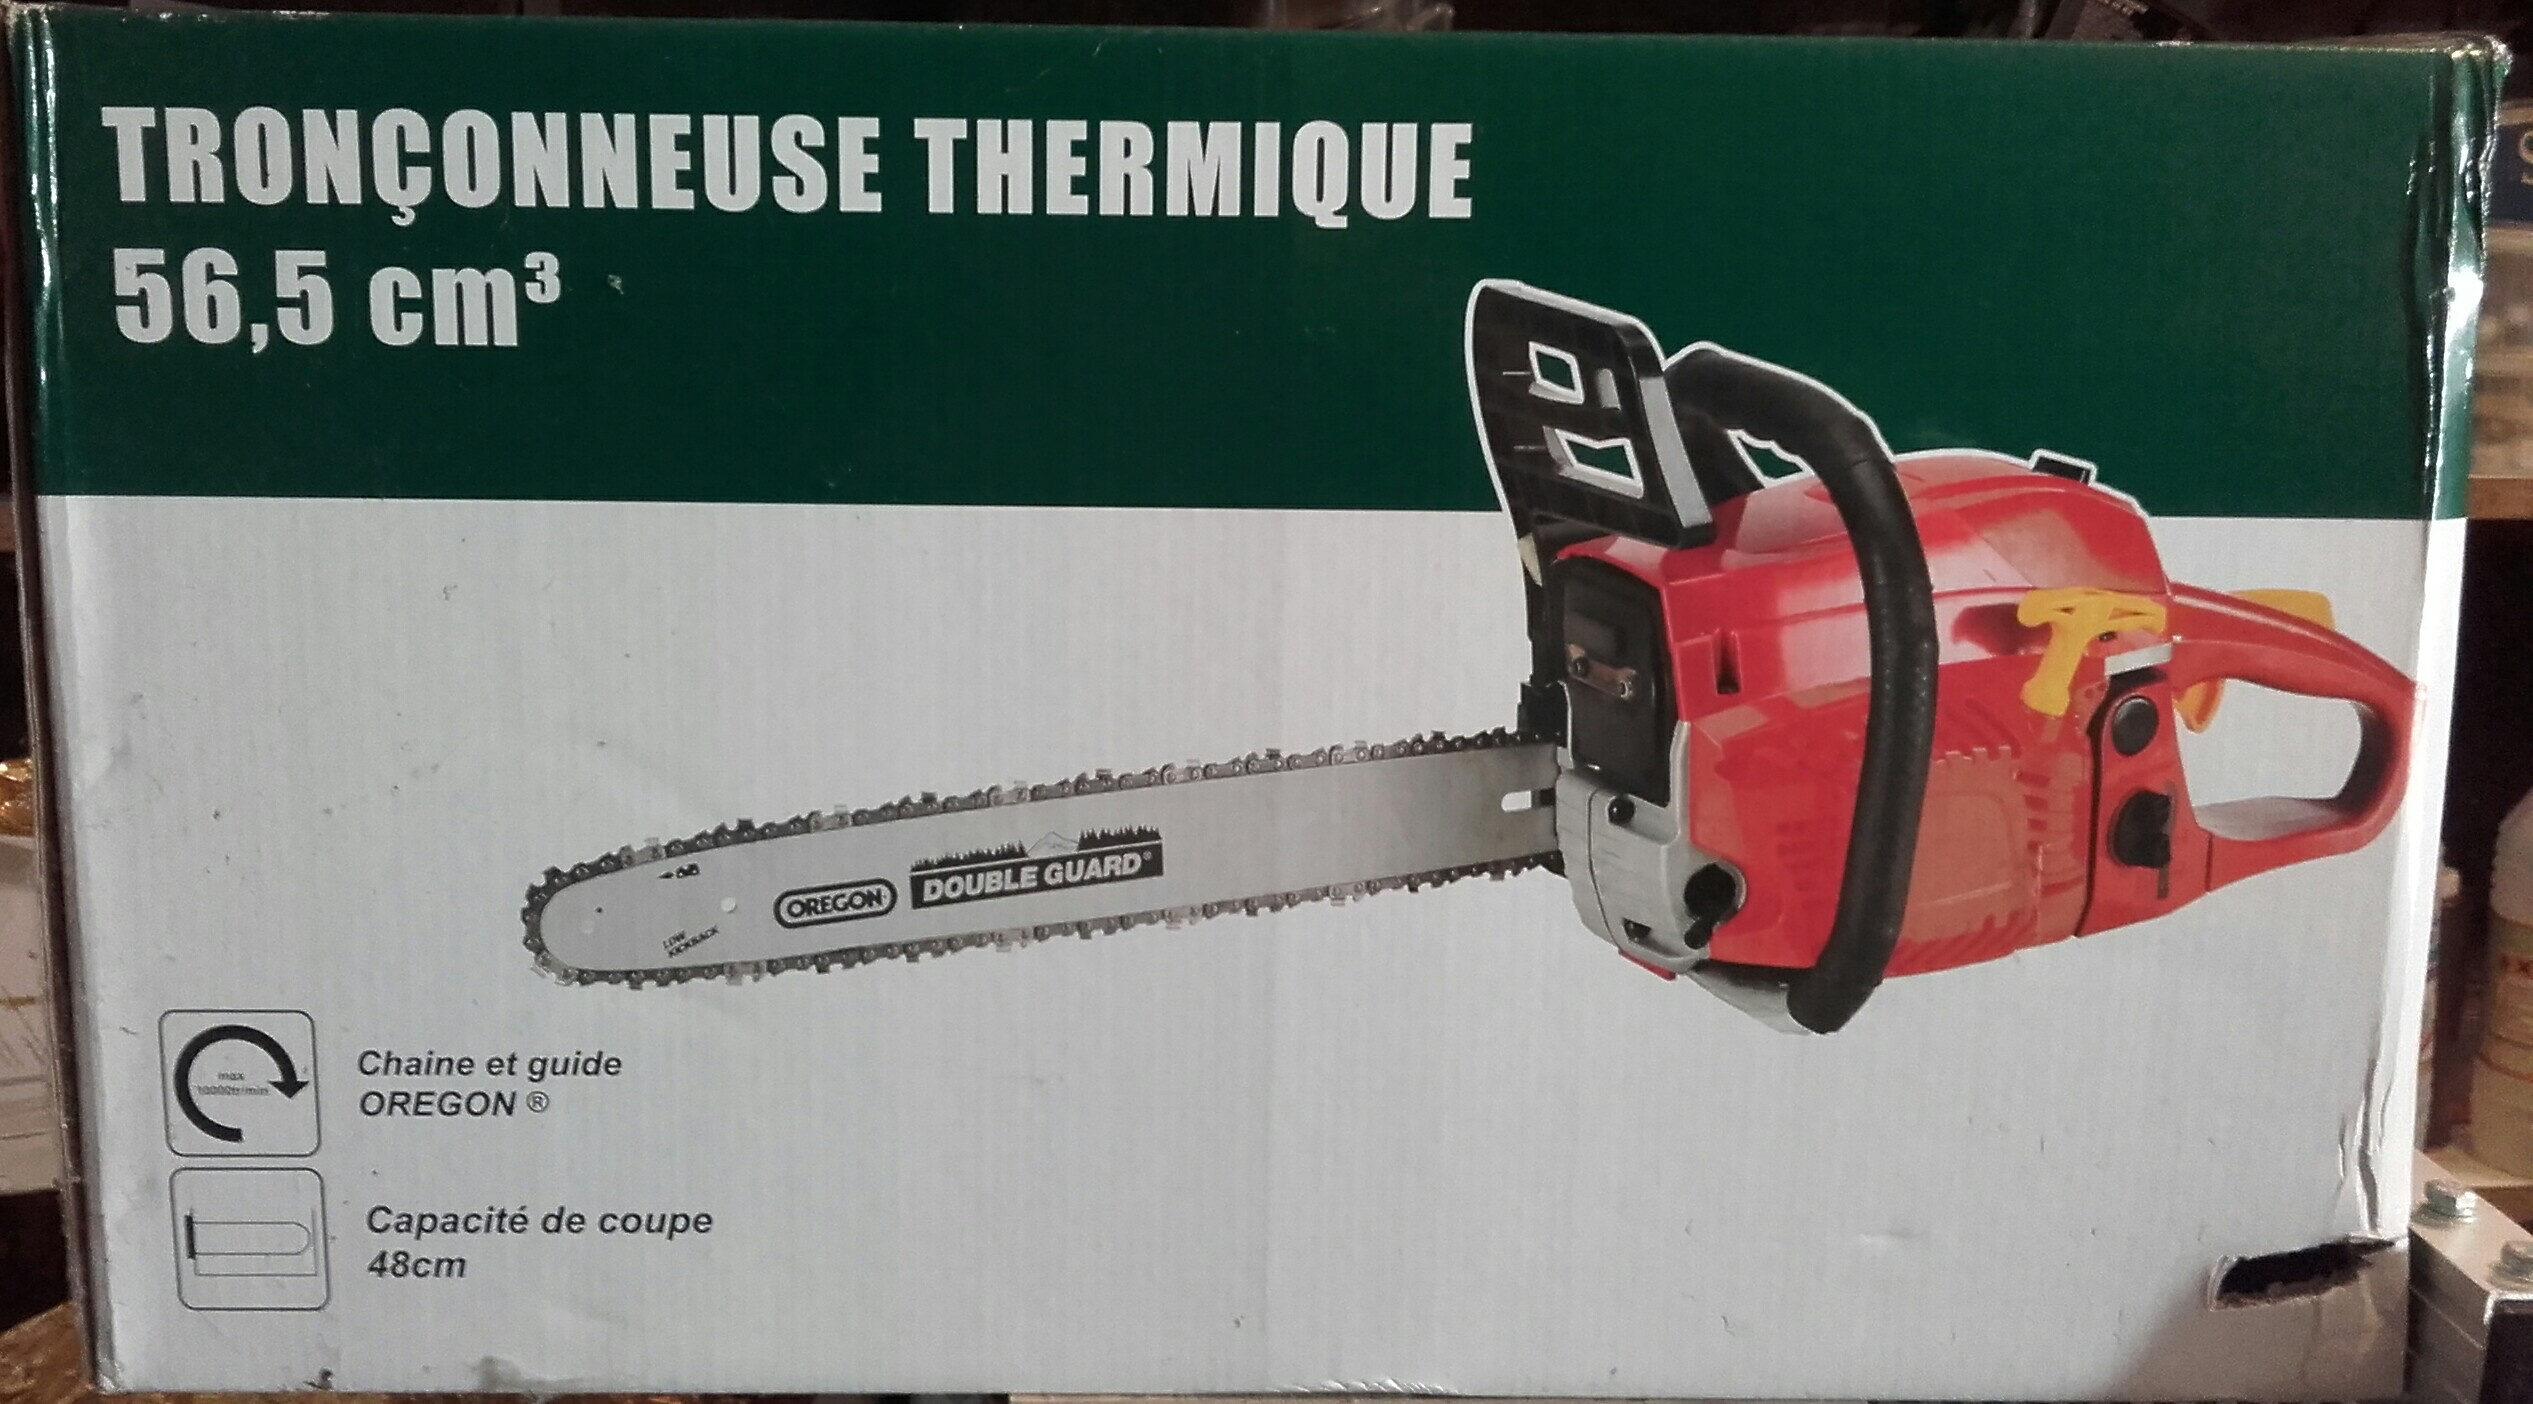 tronçonneuse thermique 56,5 cm3 - Product - fr